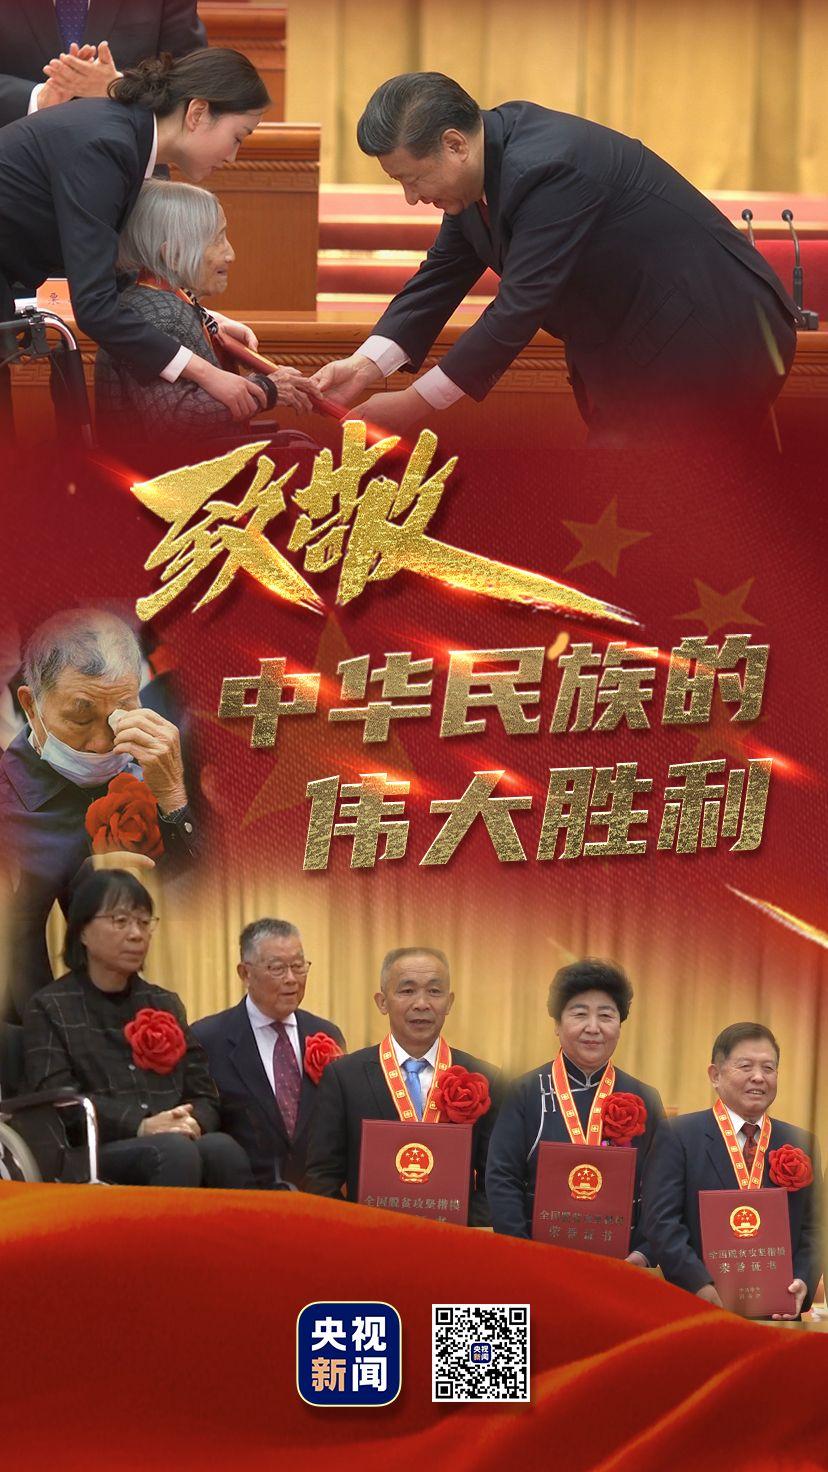 致敬!中华民族的伟大胜利!